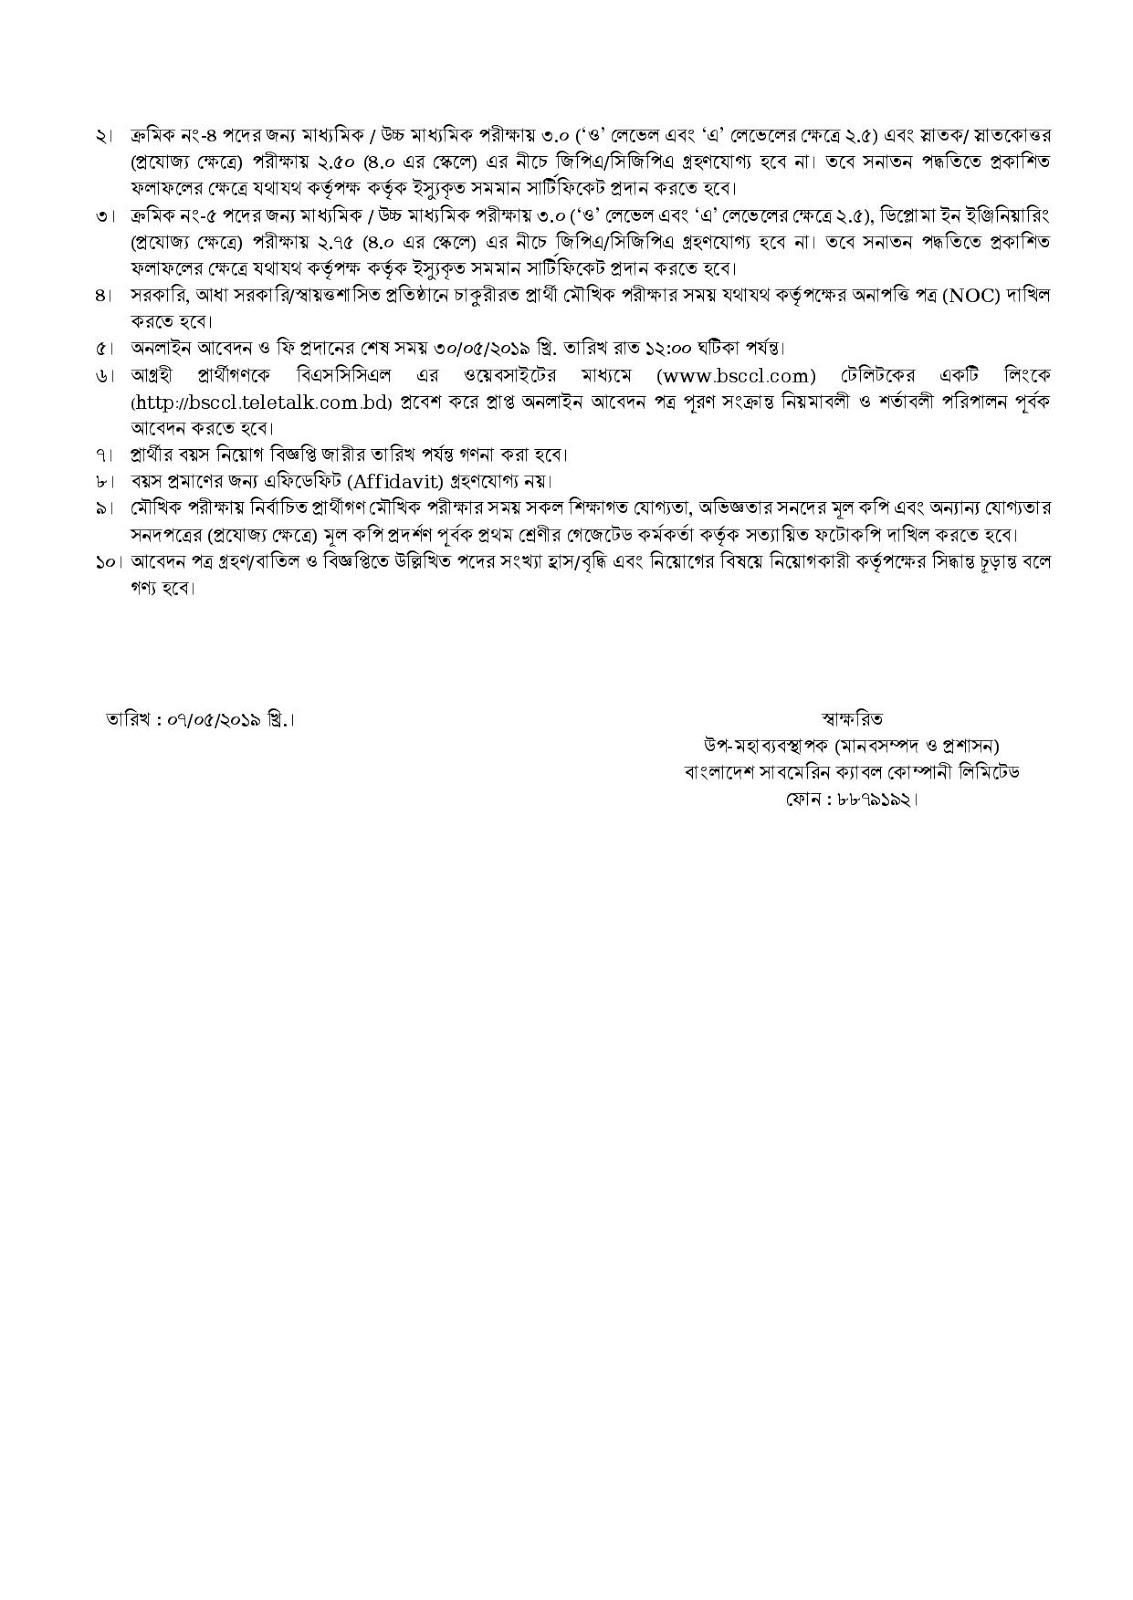 BSCCL Jobs Circular Download